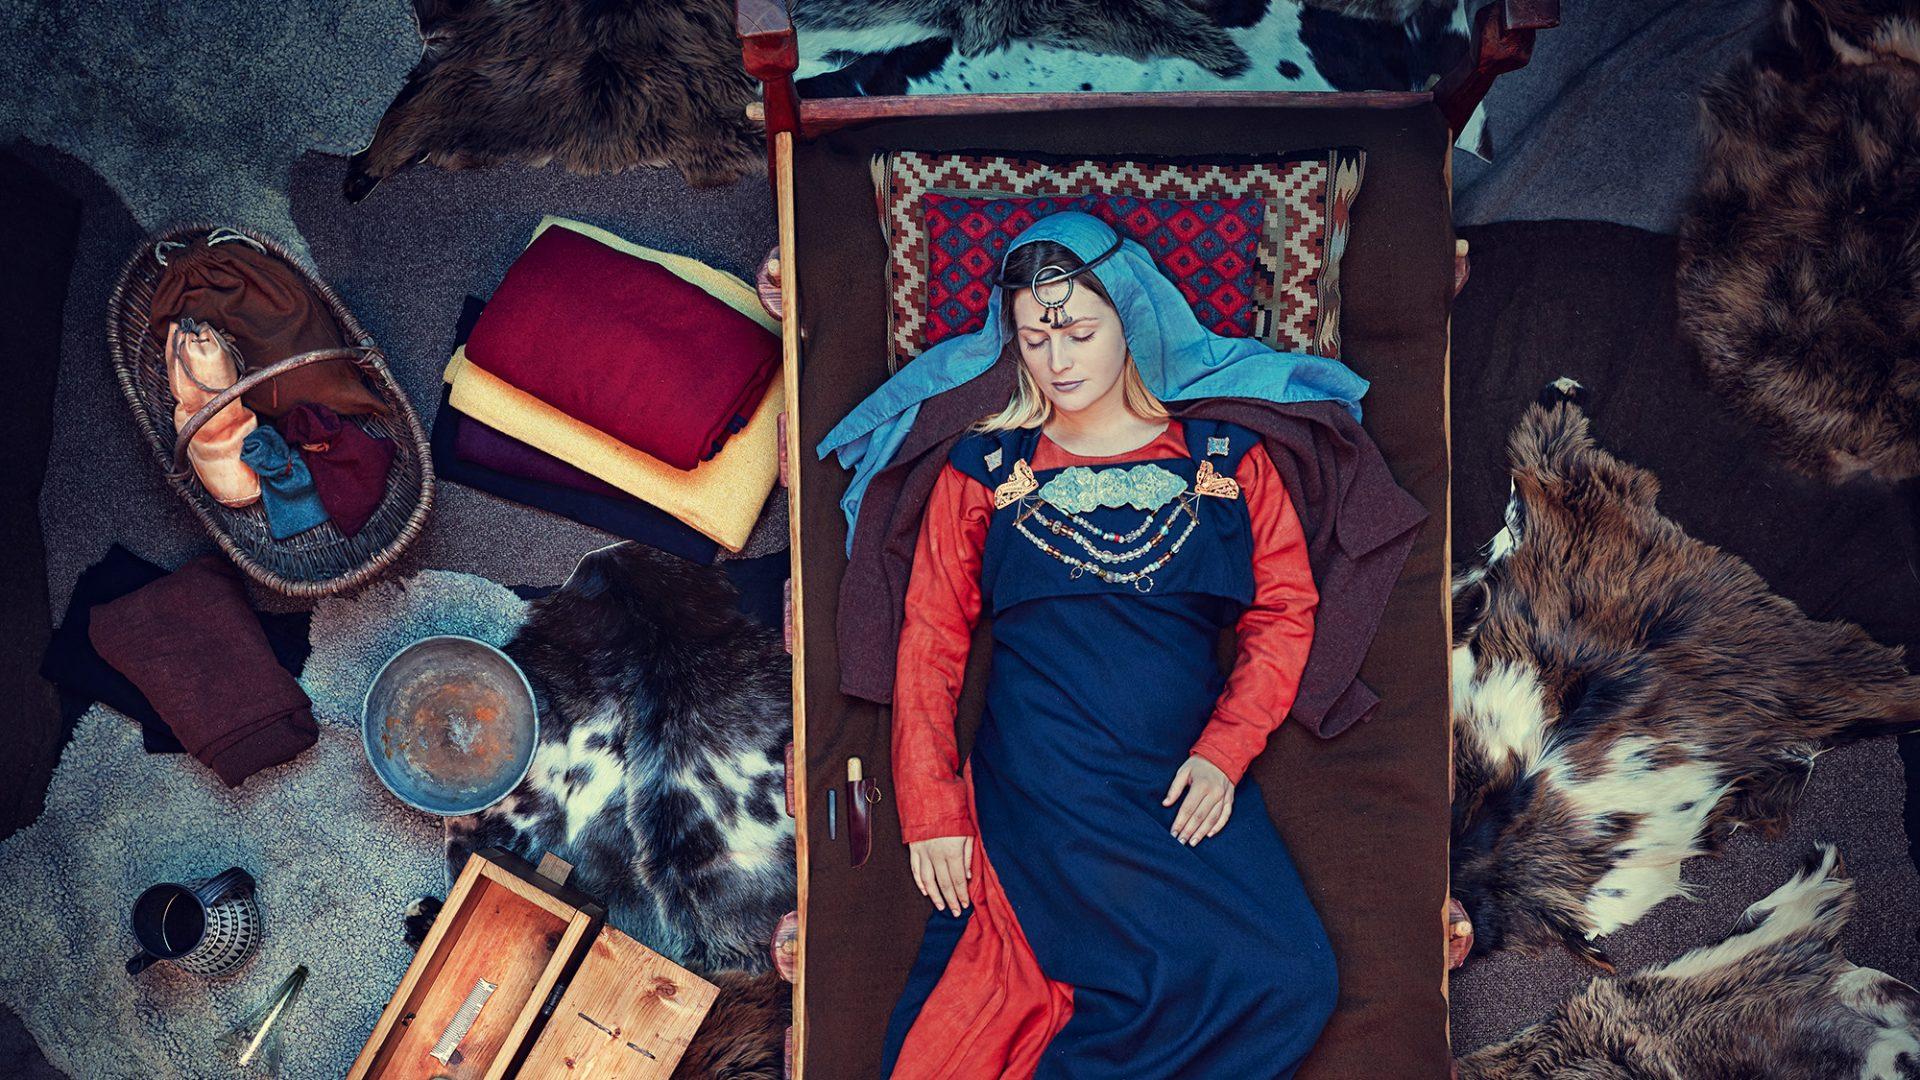 Birkakvinna som ligger begravd tillsammans med hennes tillhörigheter